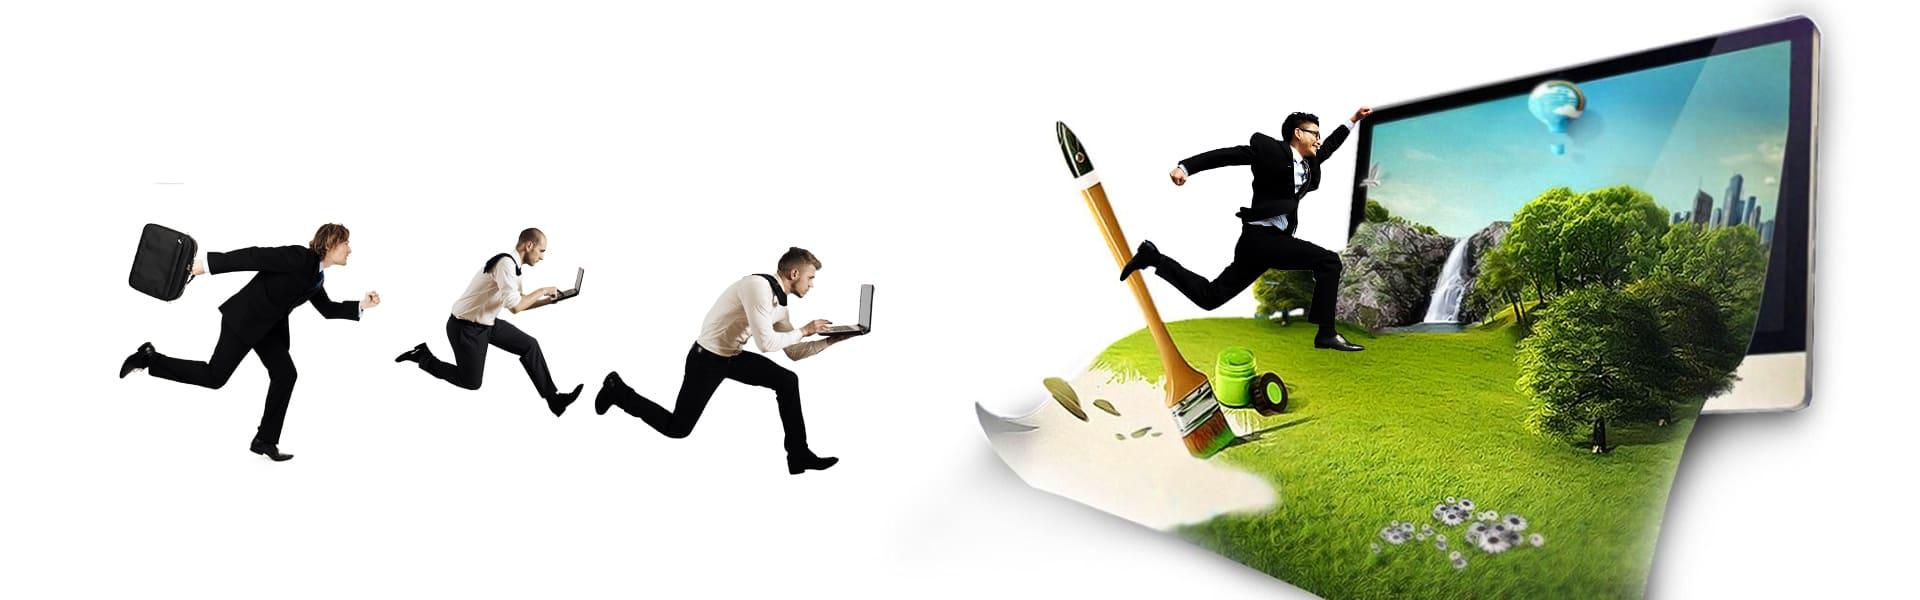 Уменьшение показателя отказов или почему посетители покидают ваш сайт?